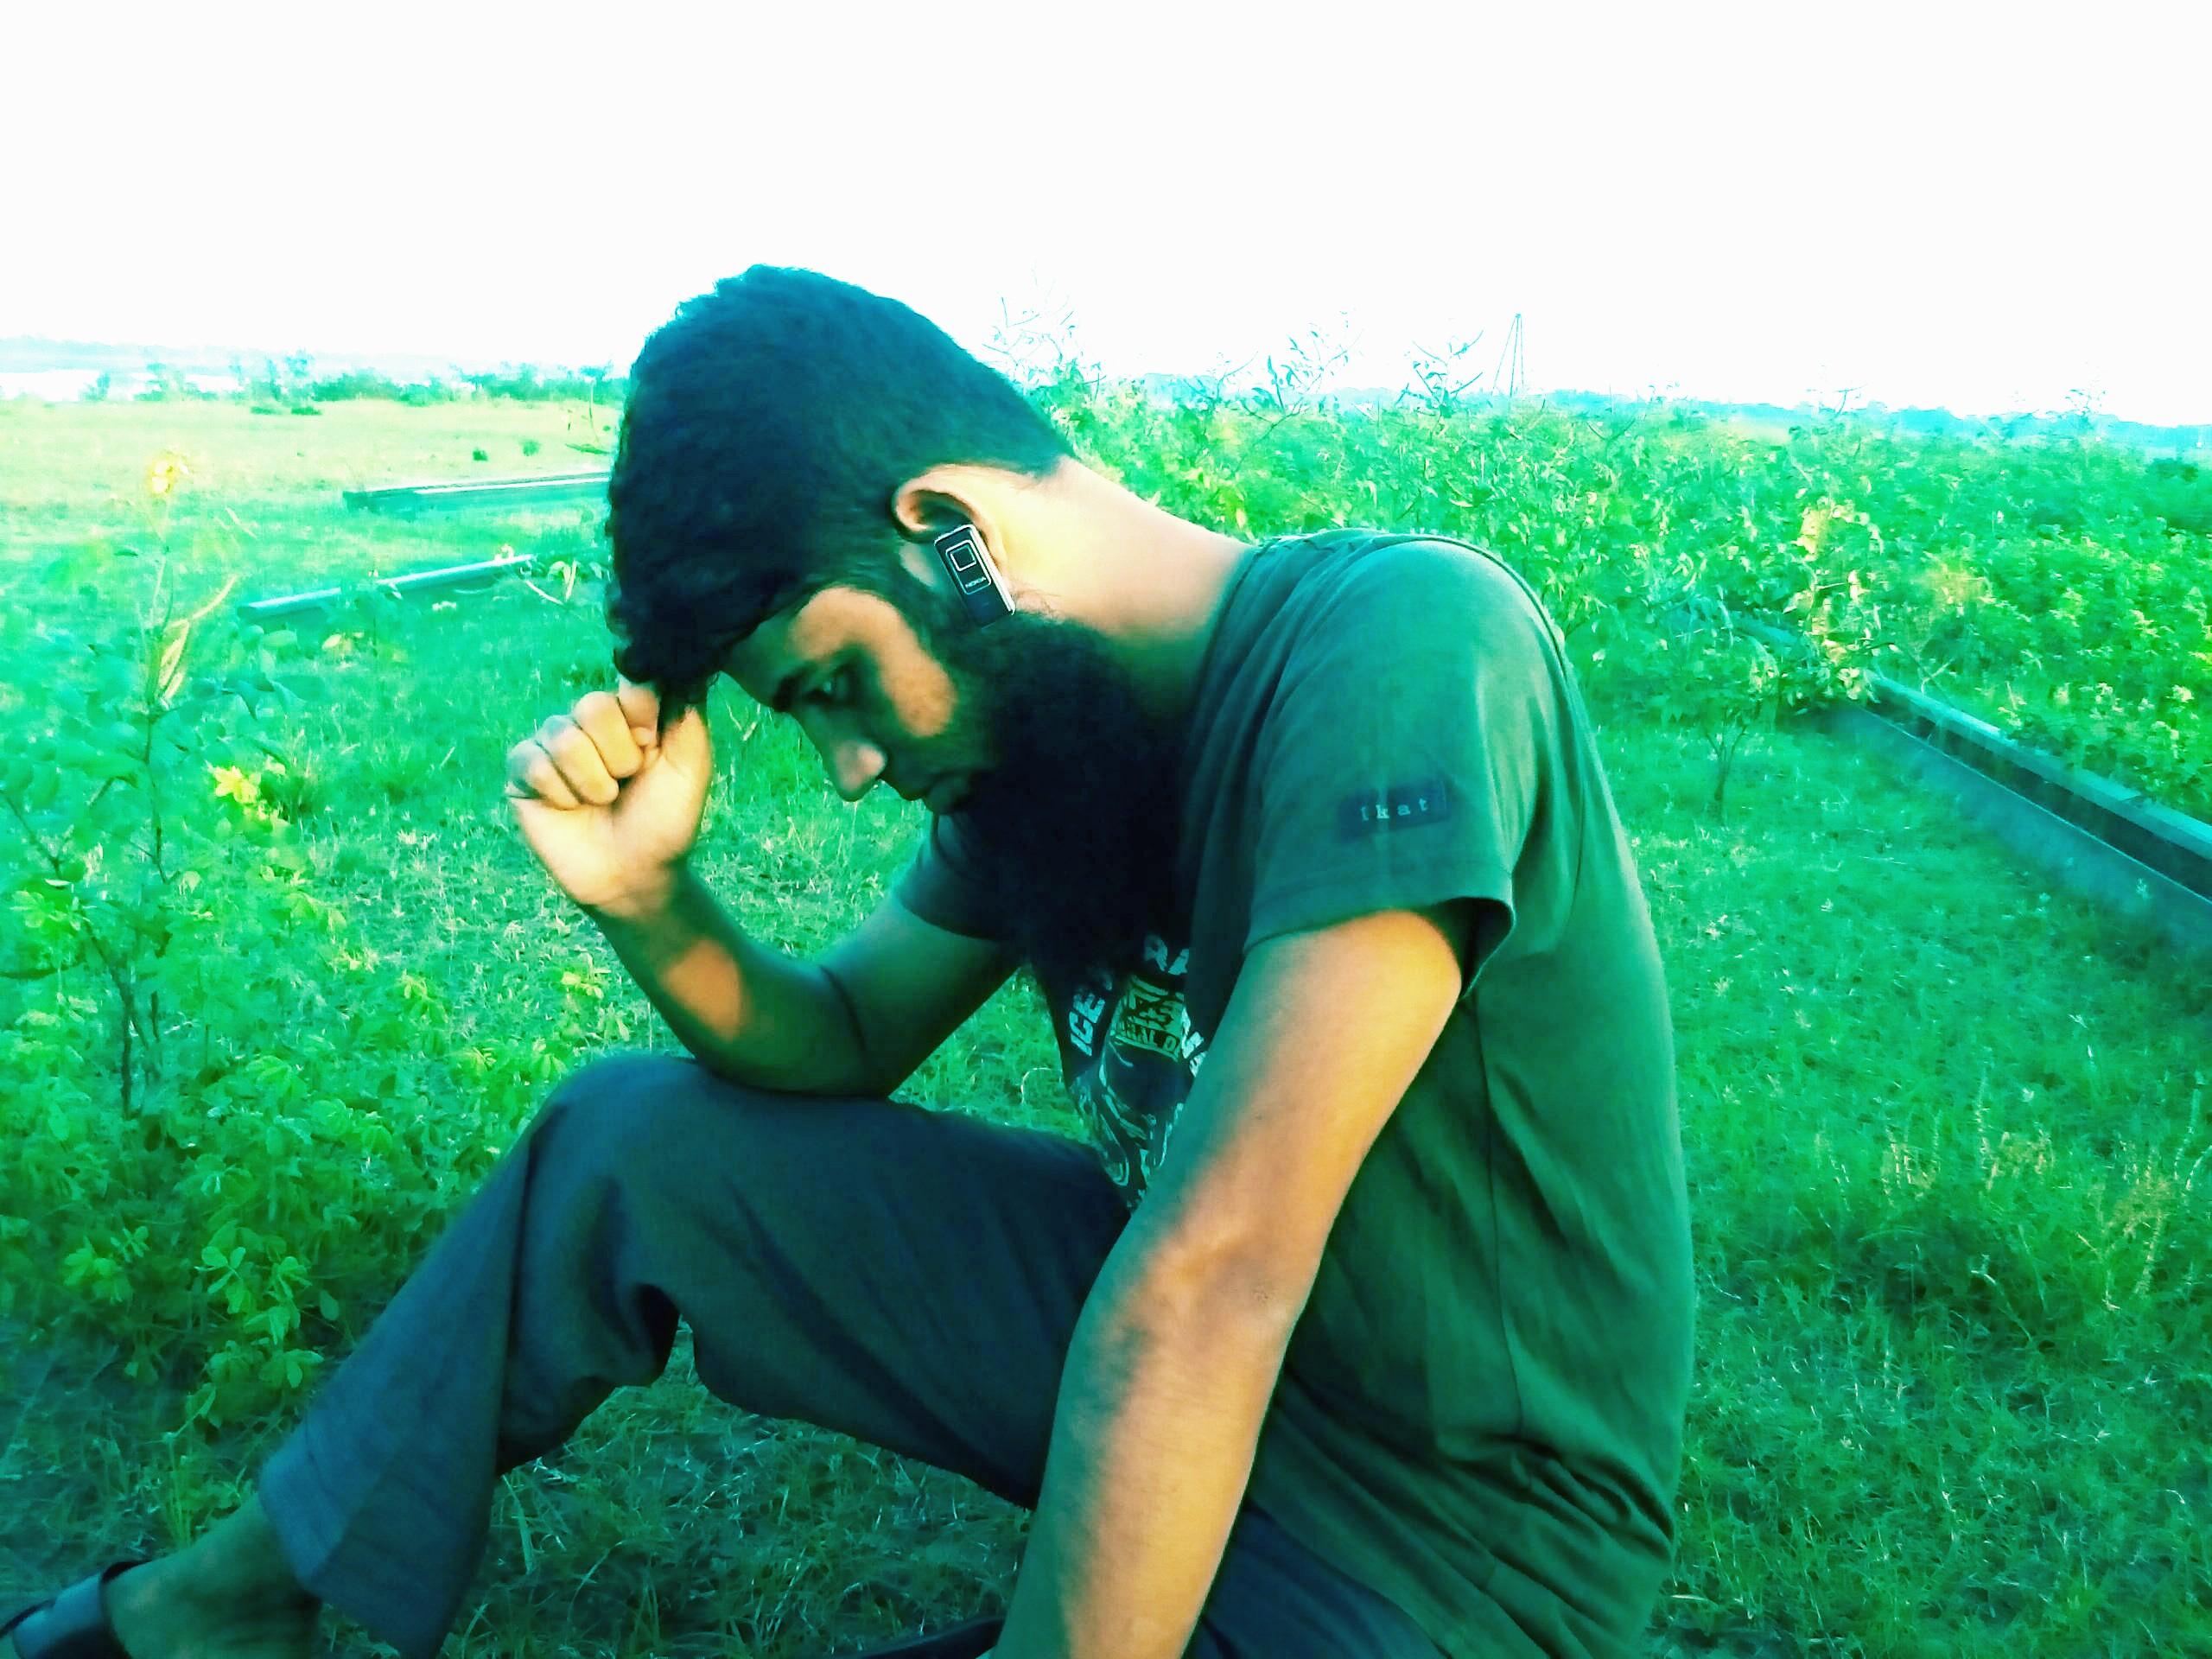 RAJIB KHAN